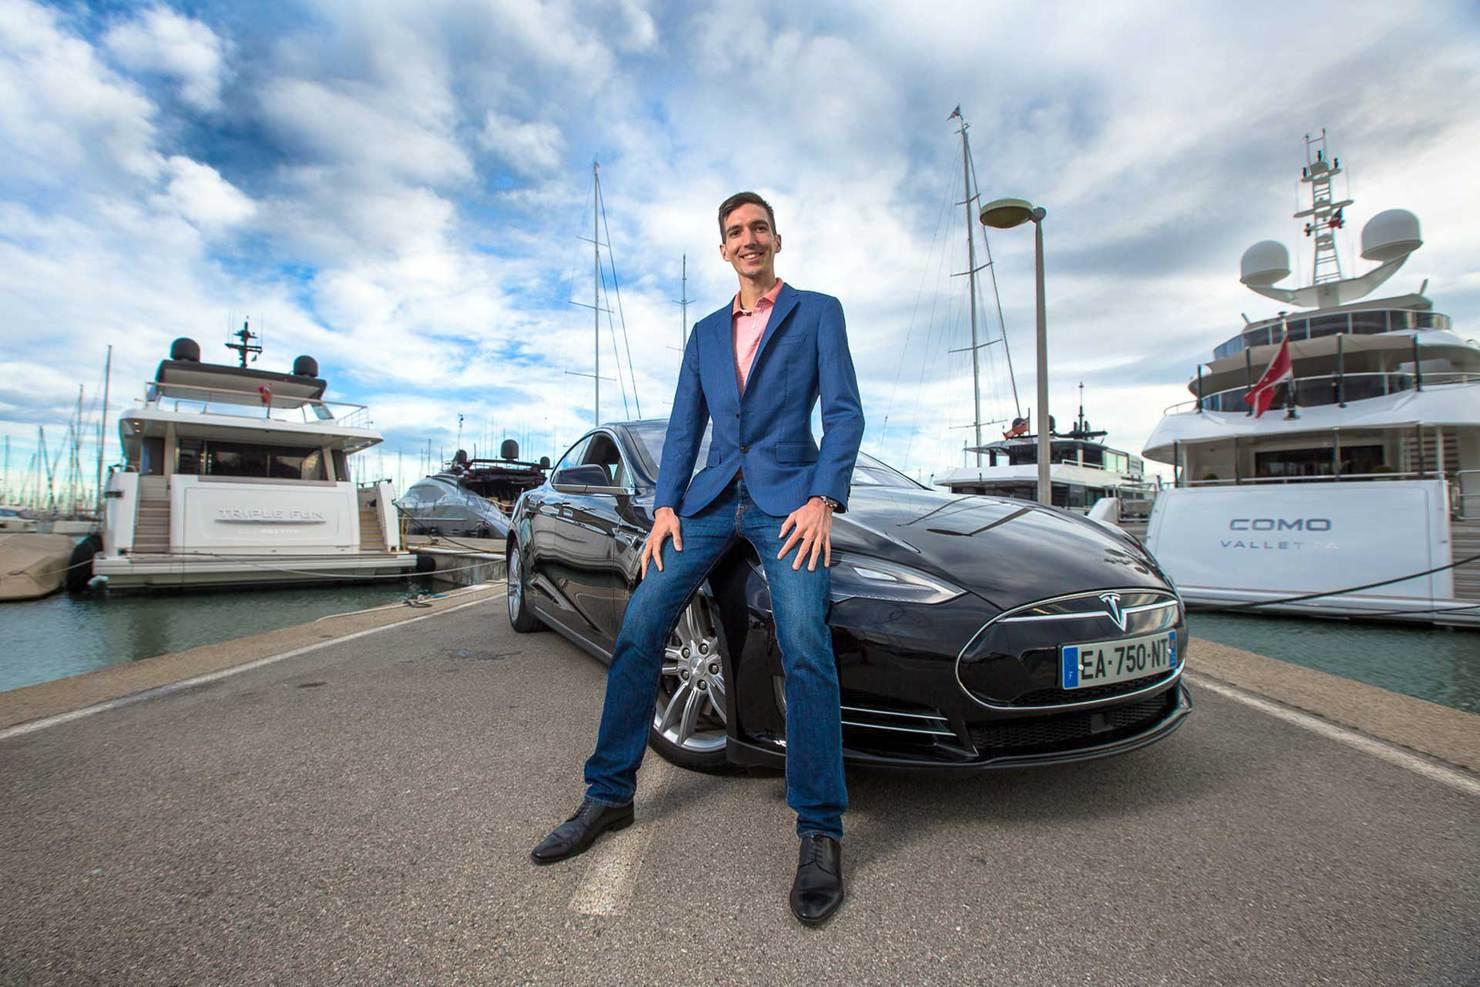 Club privé business : Maxence devant une Tesla